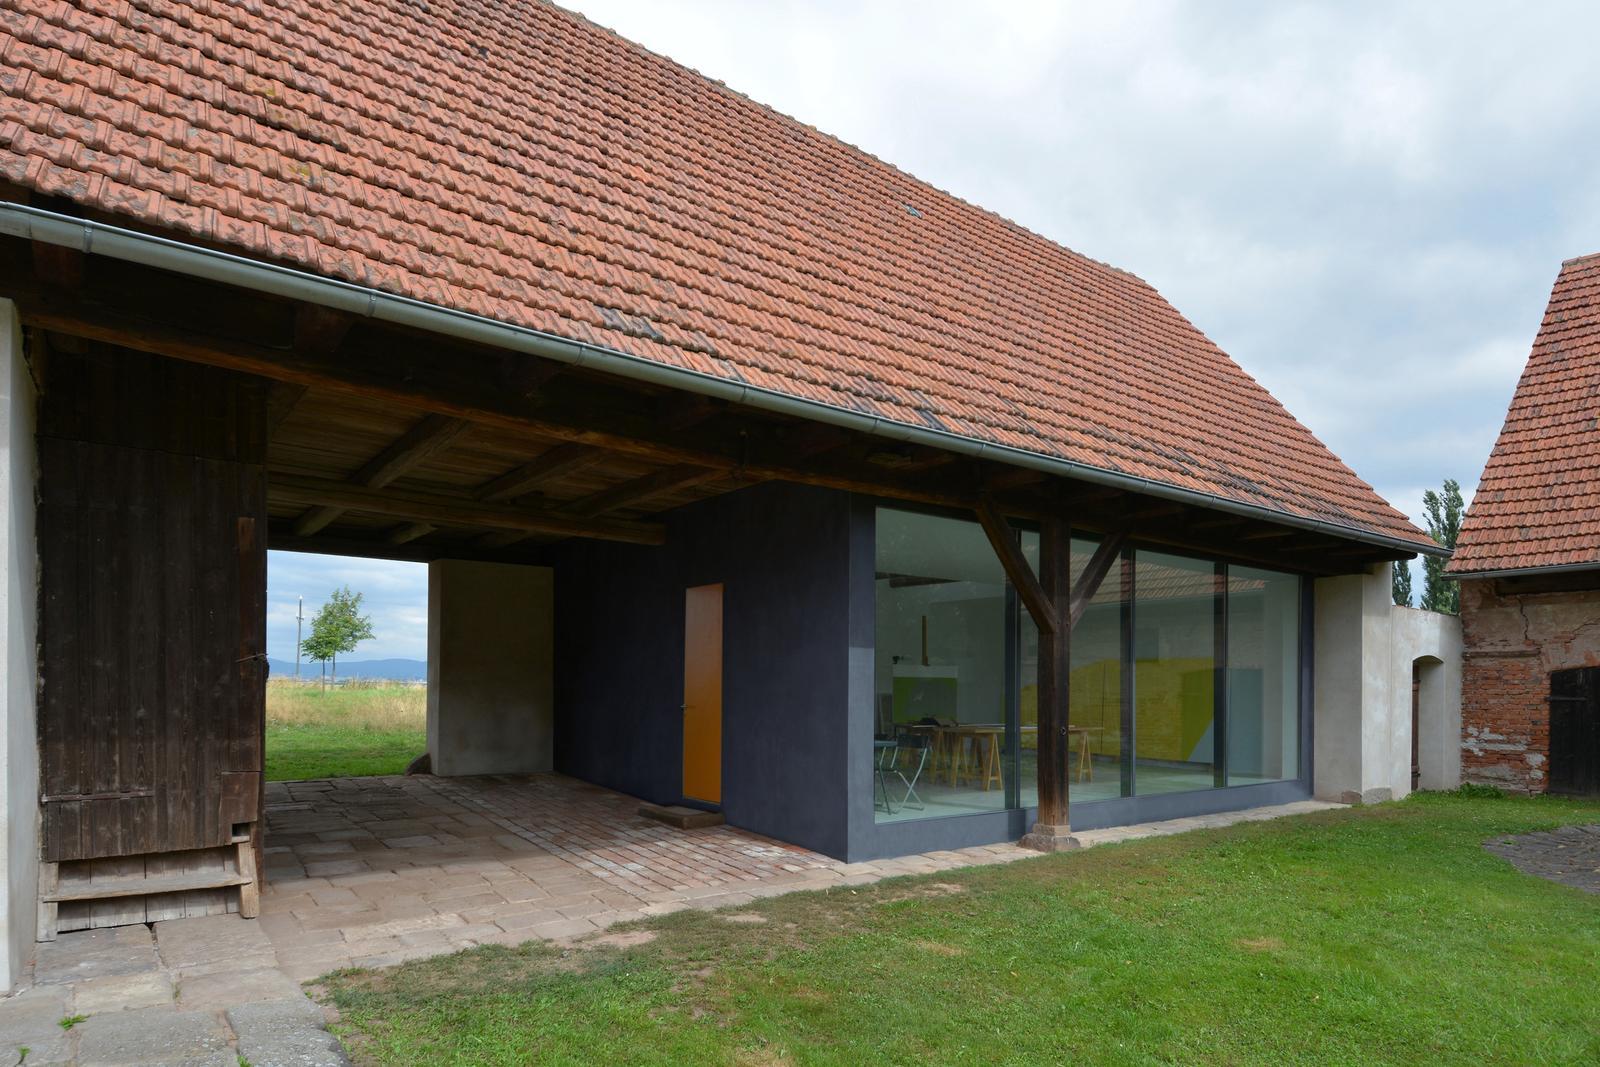 Nové v starom alebo moderné rekonštrukcie - ako vidno zmeny sa opäť týkajú len vnútra dvora a zvonku stavba pôsobí starým dojmom